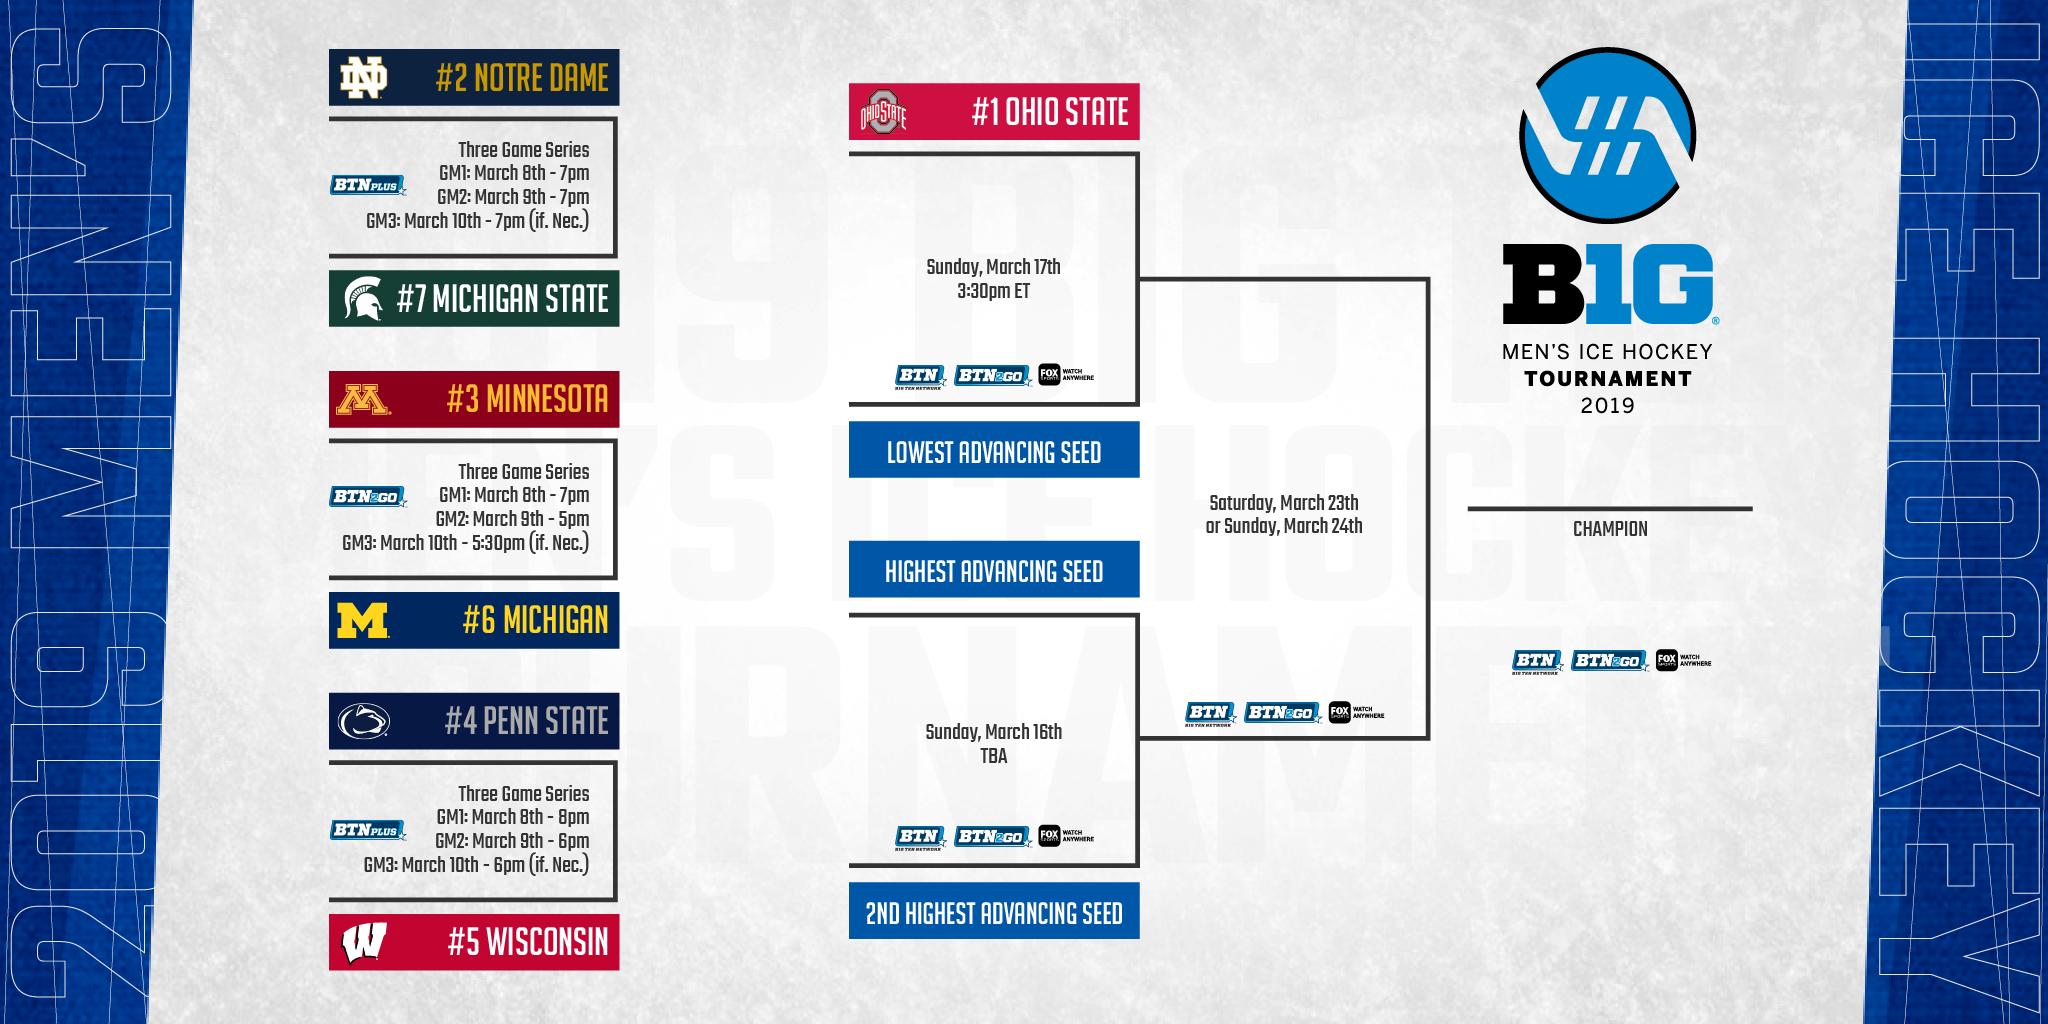 2019 Big Ten Men S Ice Hockey Tournament Coverage On Btn Big Ten